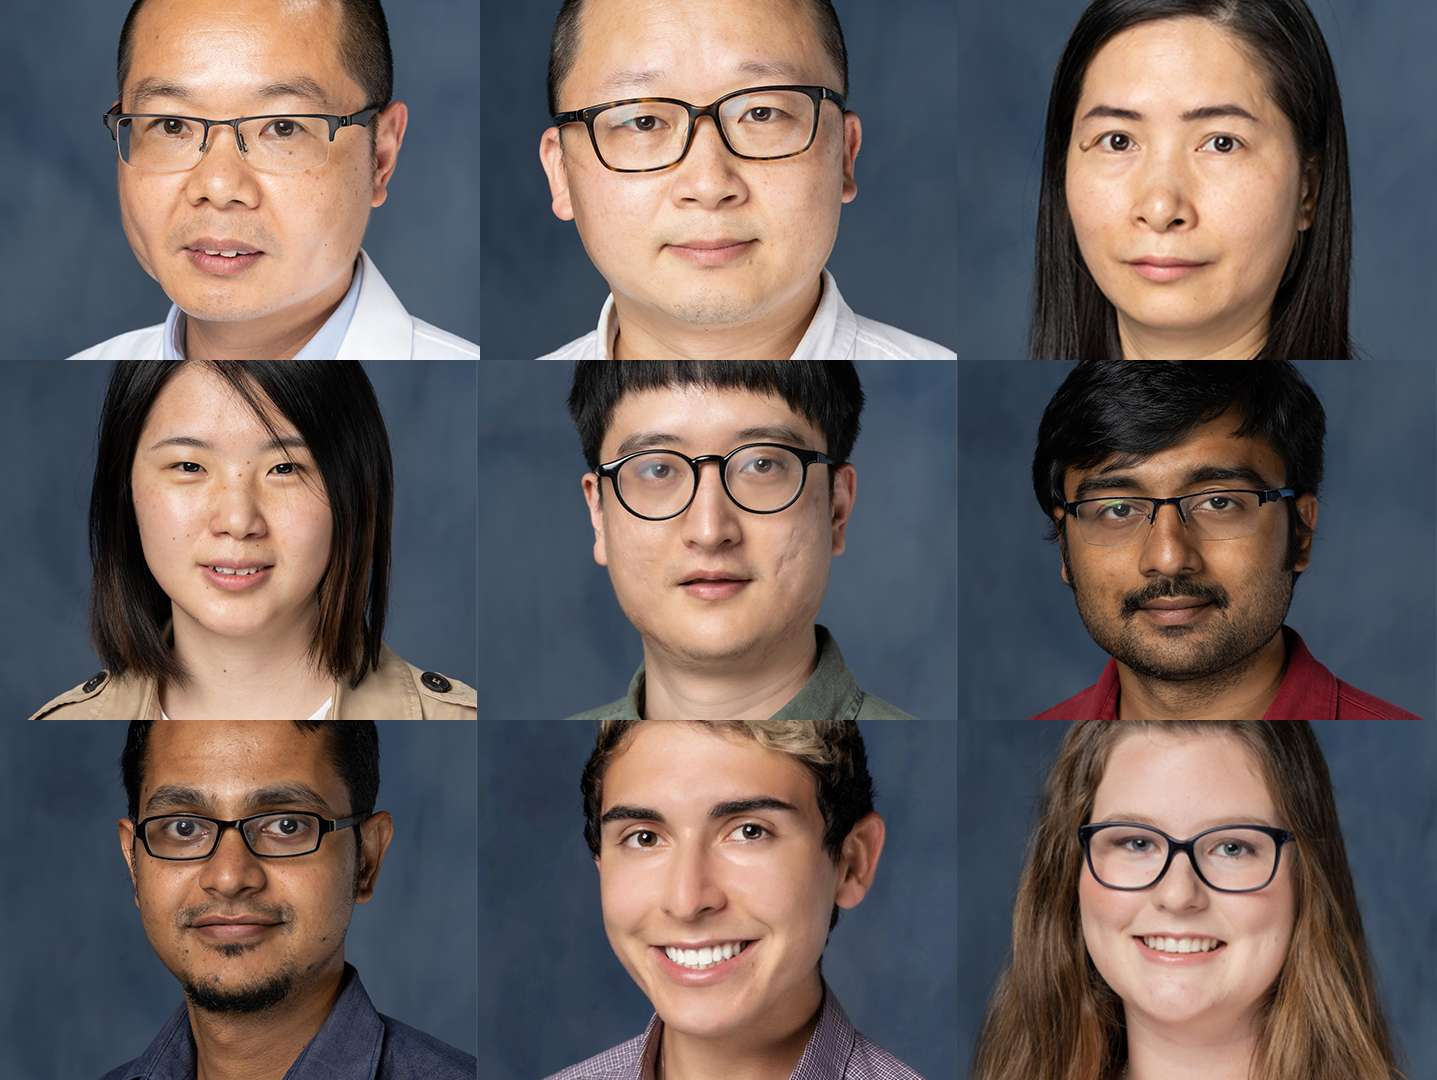 A collage of nine lab members, from left to right, top to bottom - Dr. Zhixing Wu, Peiyi Zhang, Wanyi Hu, Yi Liu, Yufeng Xiao, Pratik Pal, Saikat Poddar, Matthew Burke, and Alexis Smith.